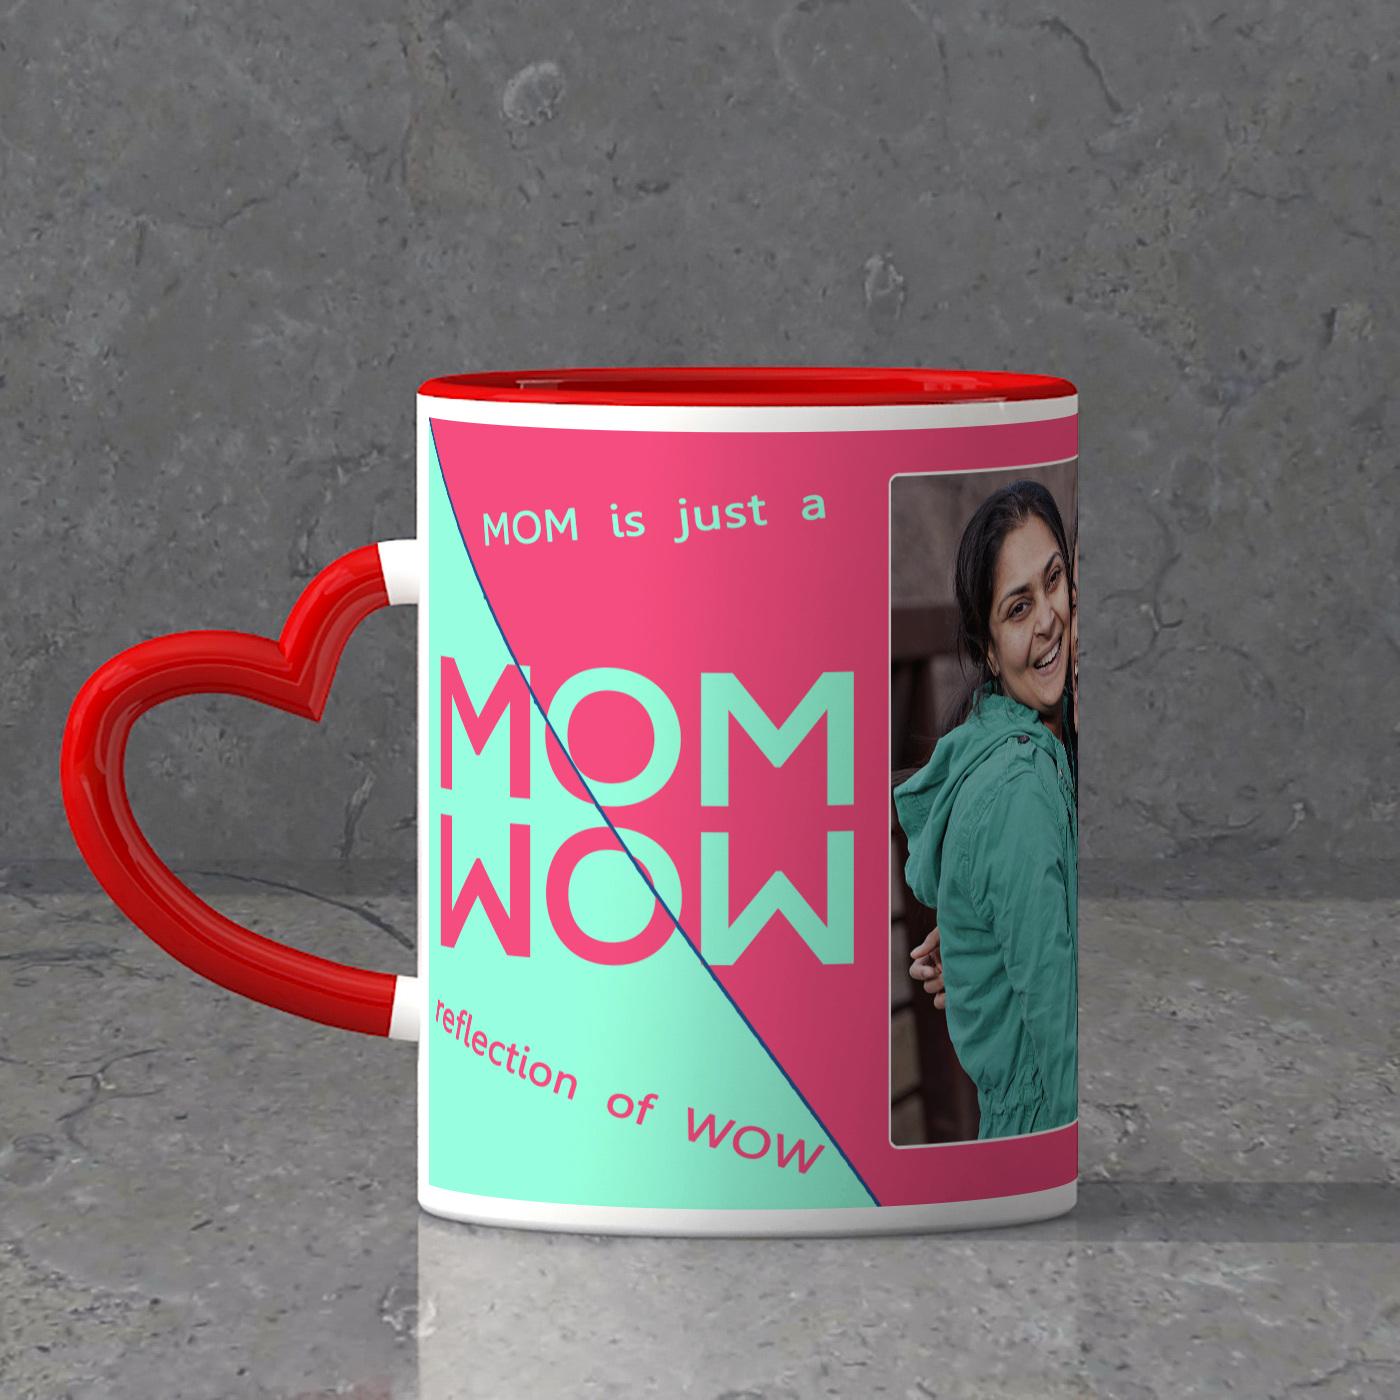 Personalized Ceramic Mug for Mom